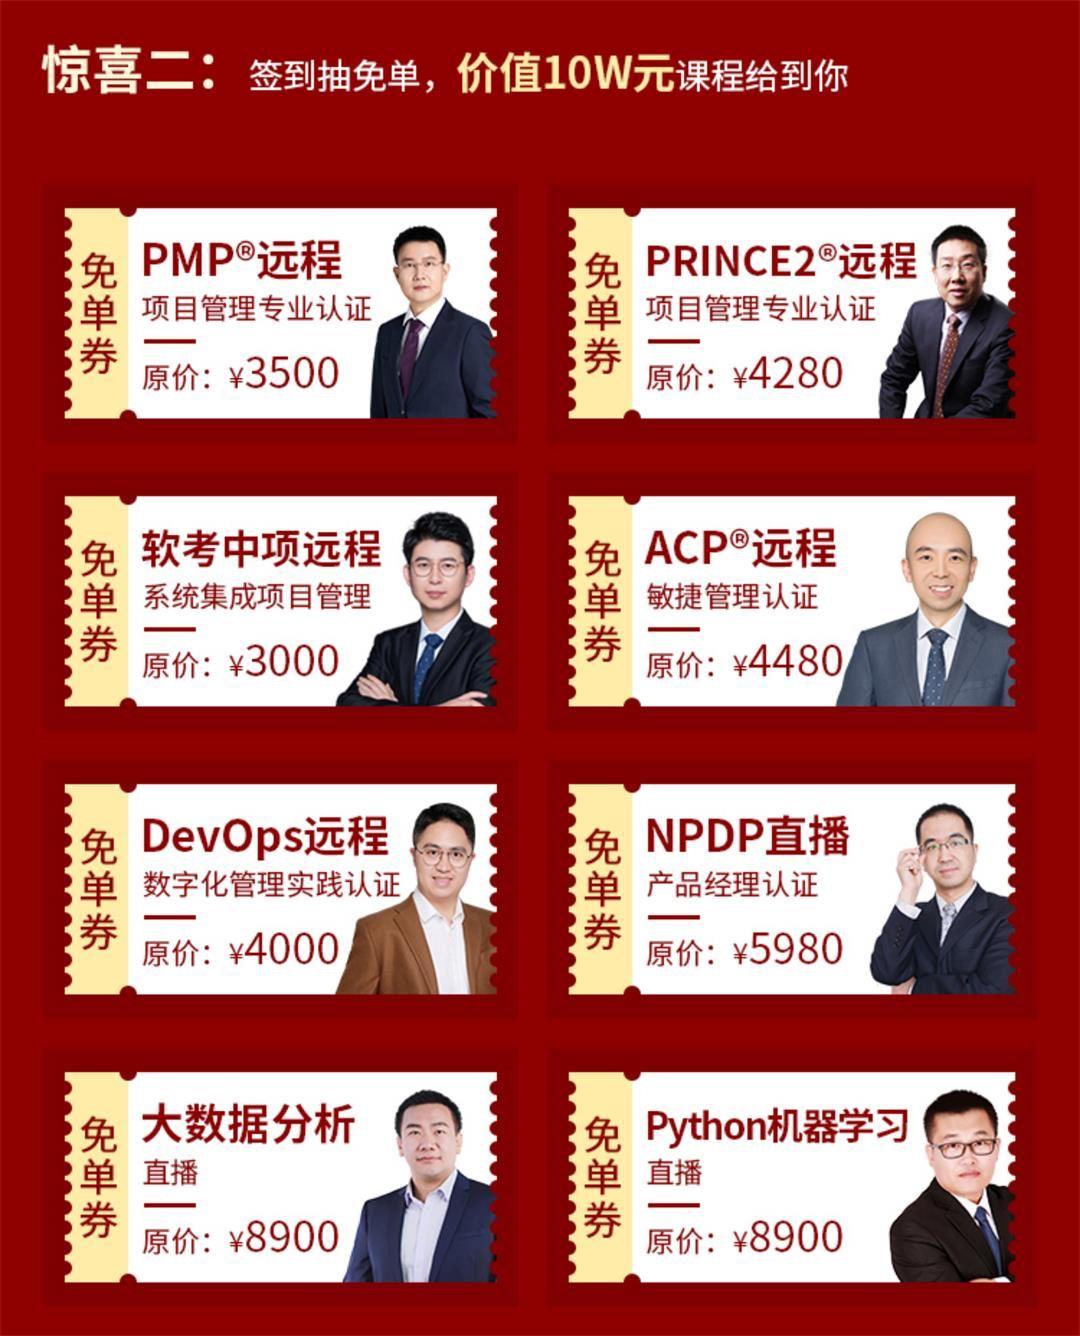 天津_09.jpg